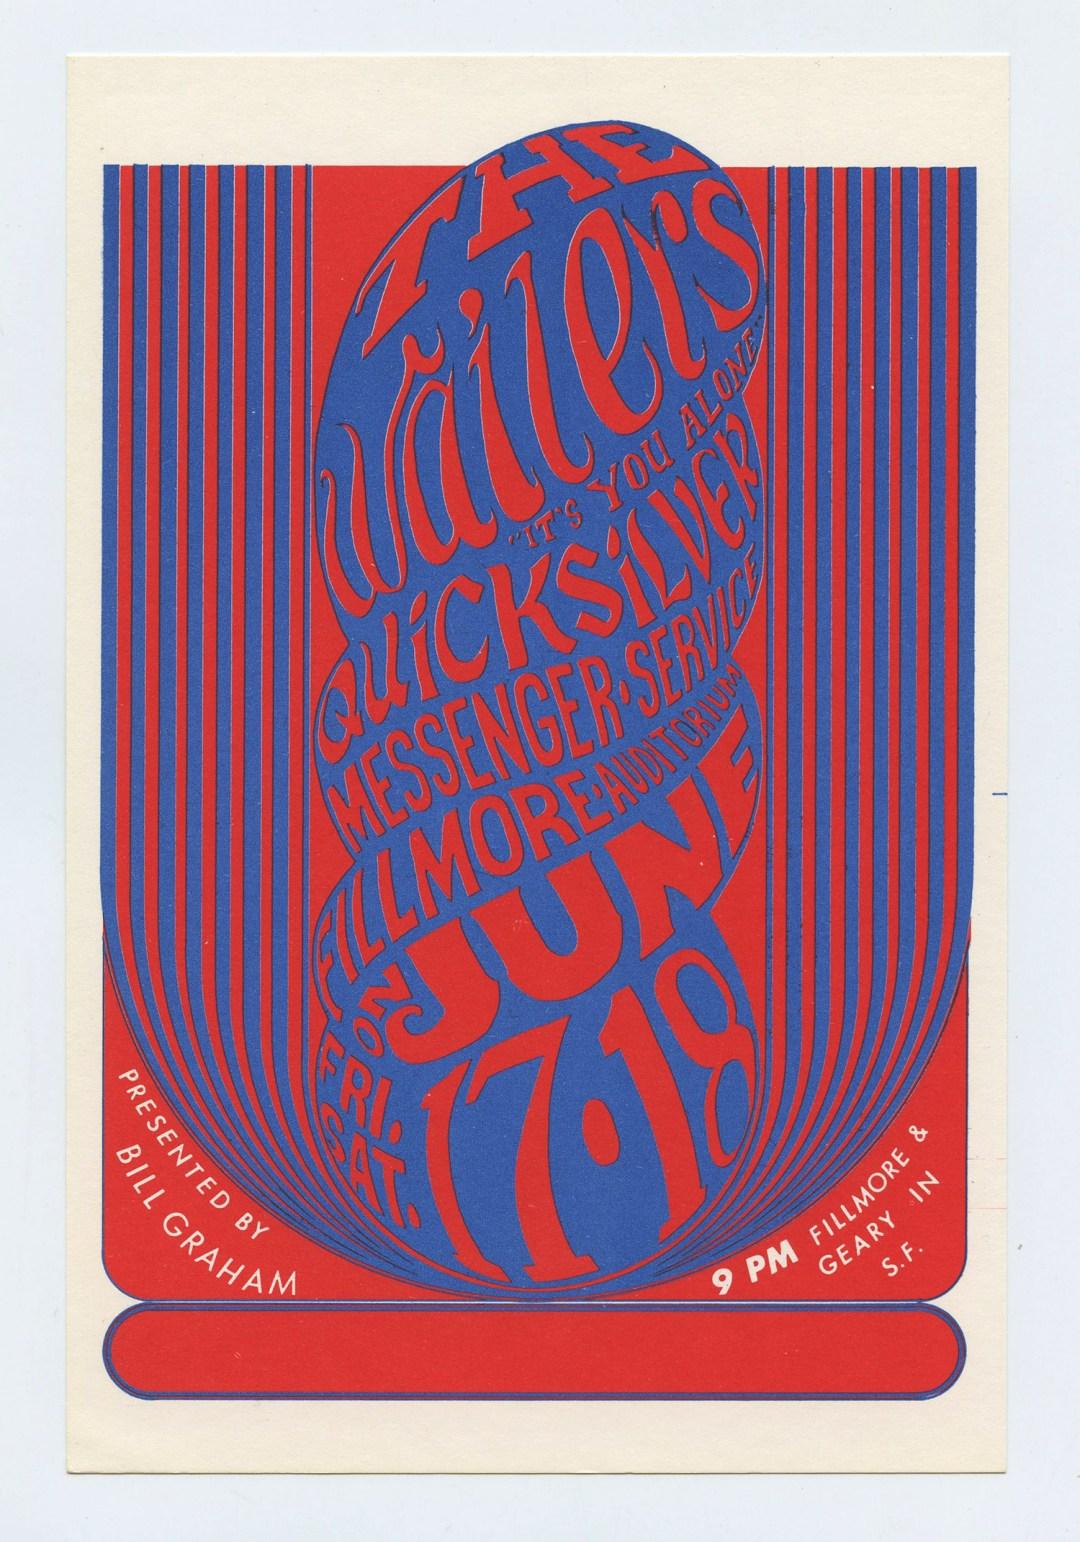 Bill Graham 11 Postcard Waliers Quicksilver Messenger Service 1966 Jun 17